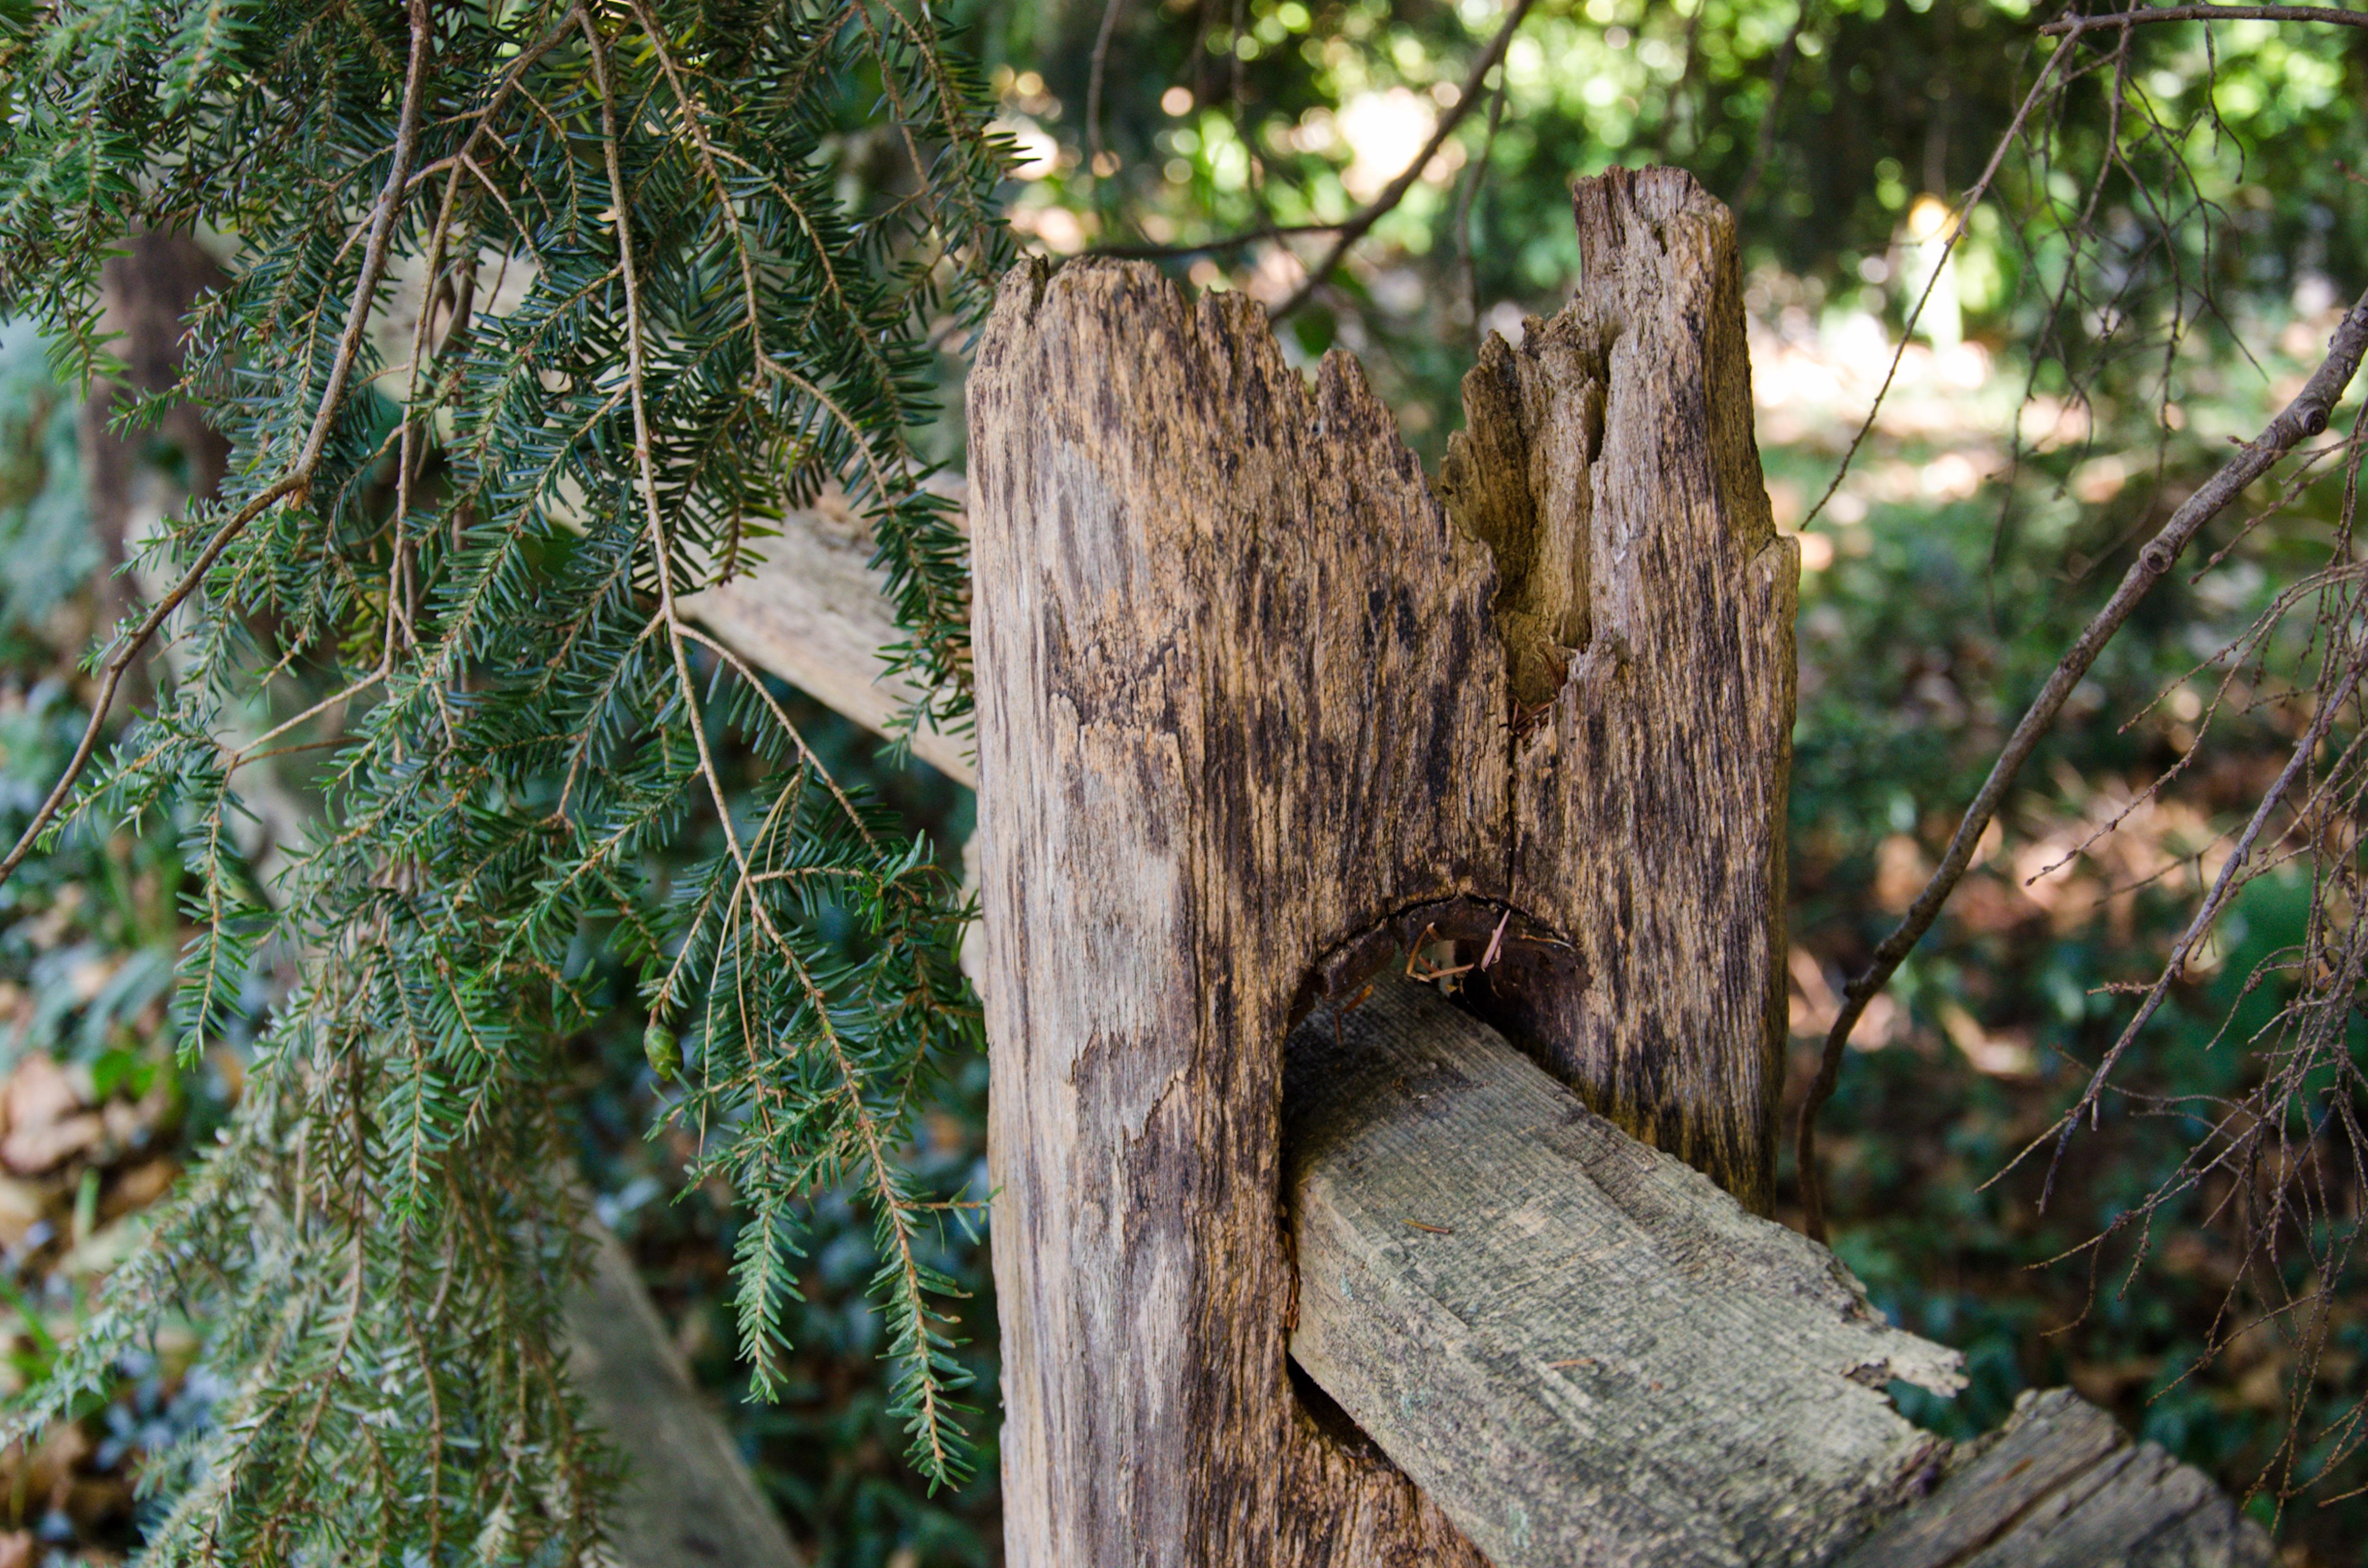 Baum Natur Wald Wildnis Ast Zaun Pflanze Holz Blatt Blume Kofferraum Sommer Tierwelt Dschungel Herbst